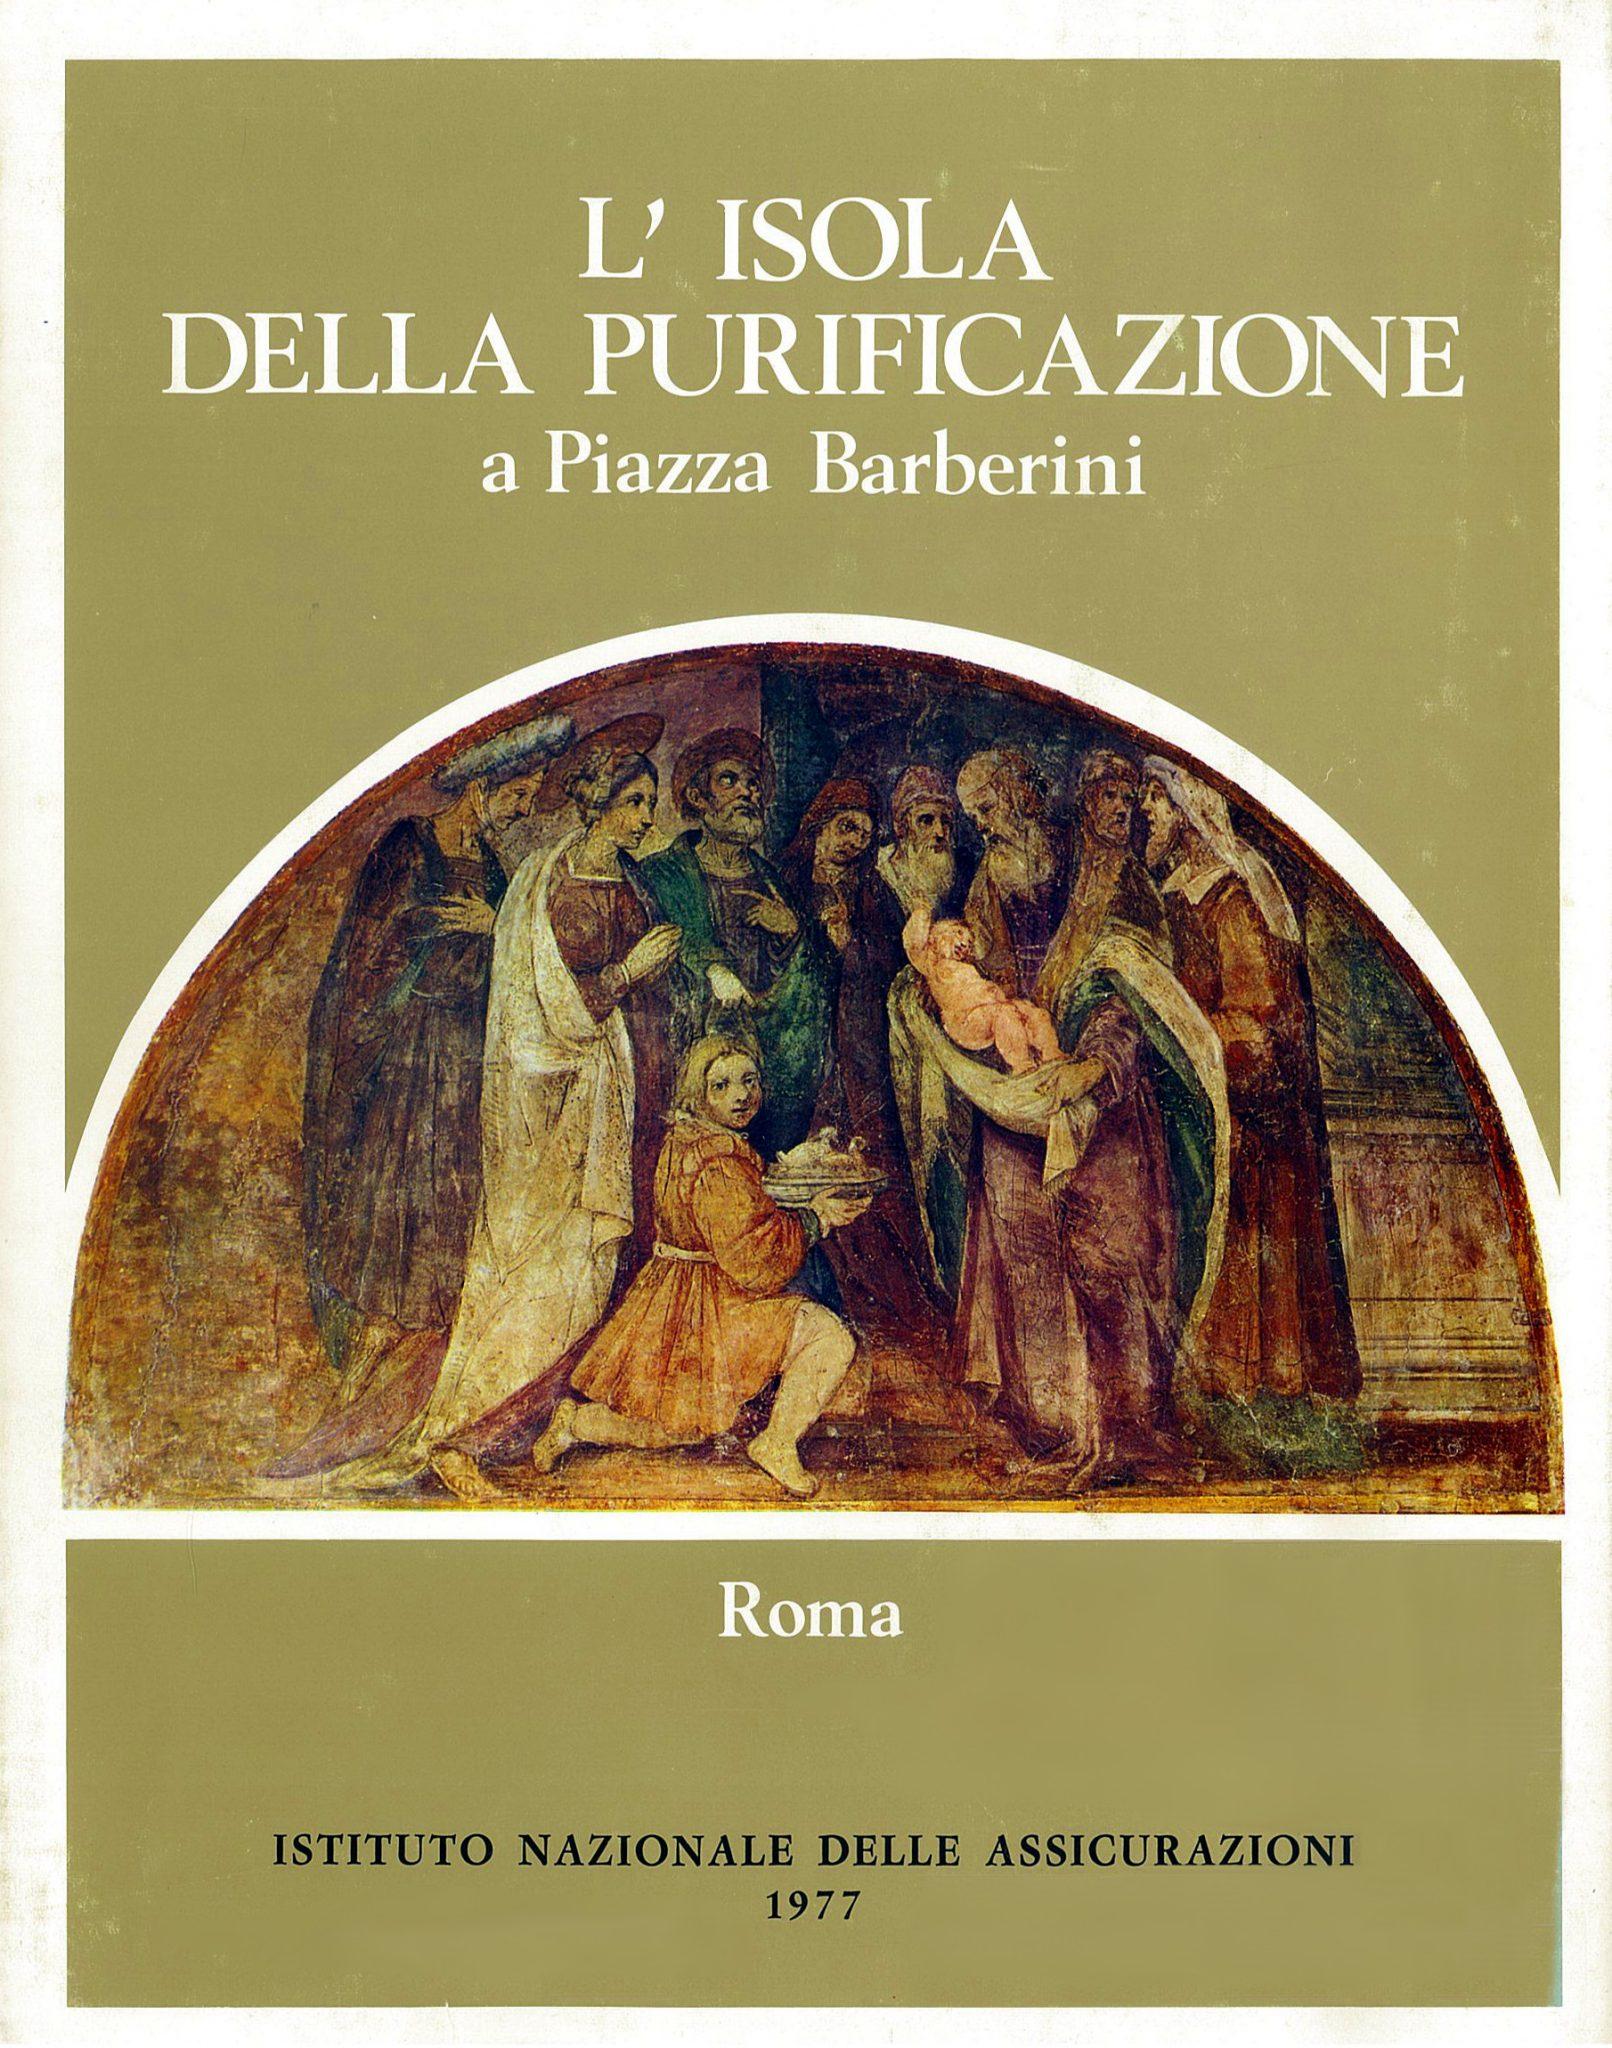 Il volume L'Isola della Purificazione a Piazza Barberini (1977)